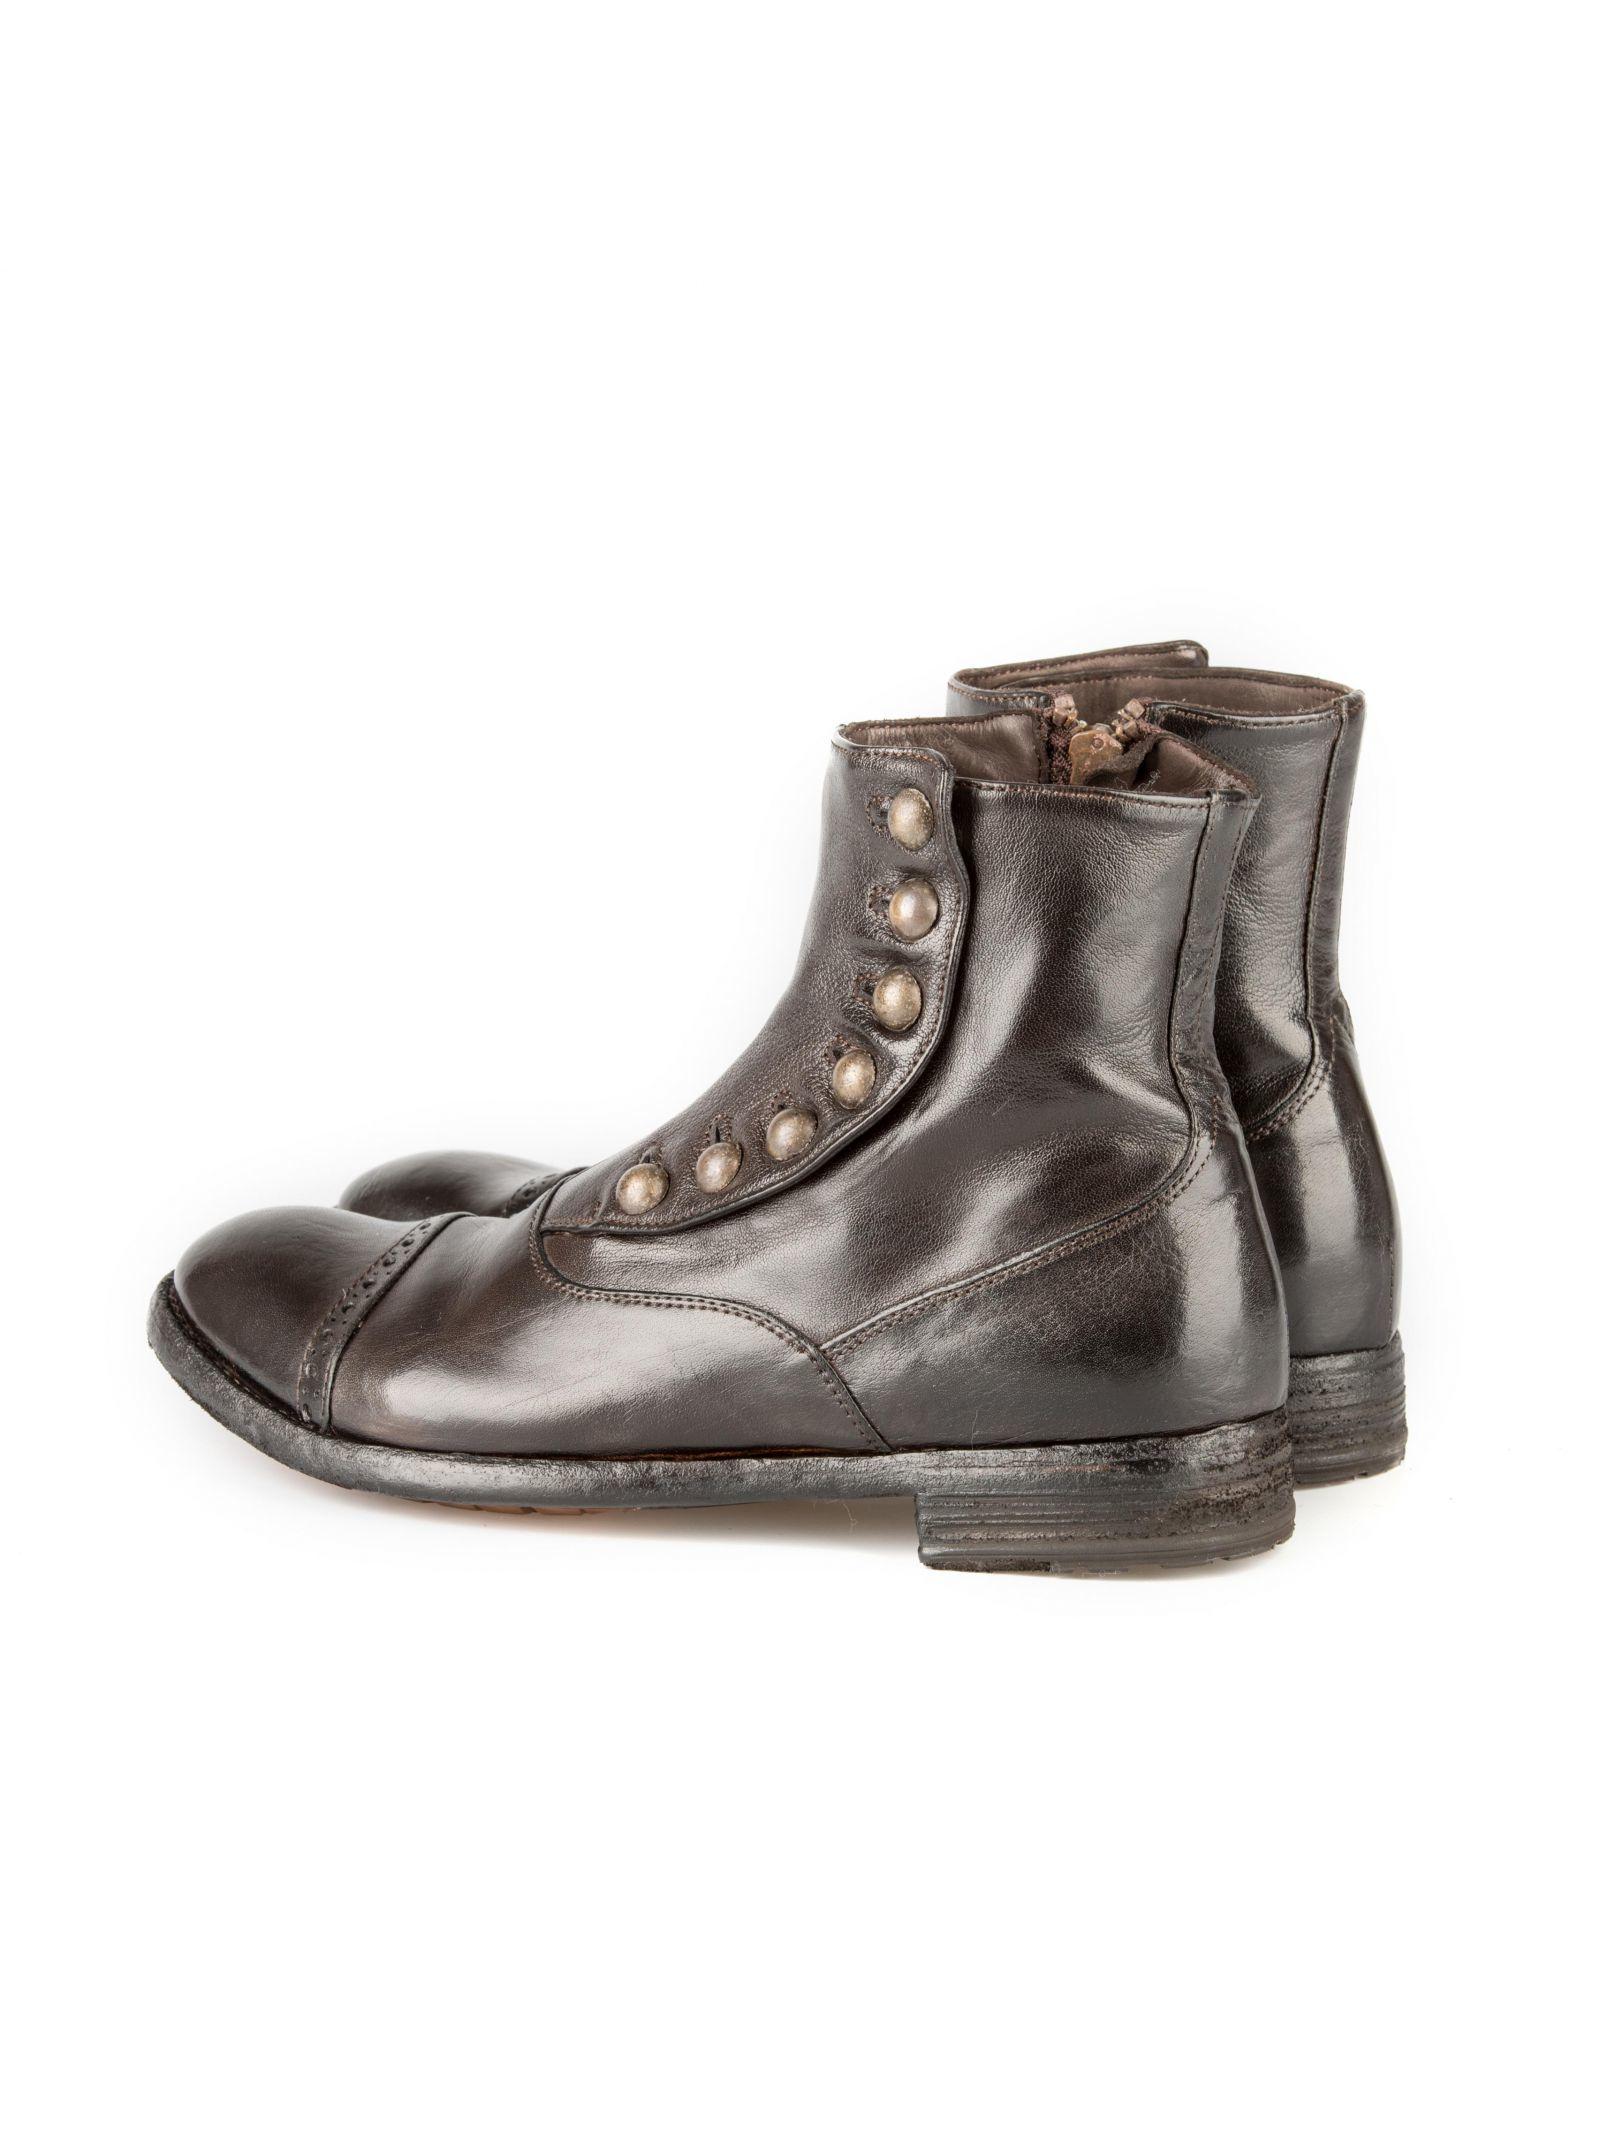 Lastest Officine Creative Womenu2019s U2018Lenahu2019 Boots U2013 Aallshoestyle